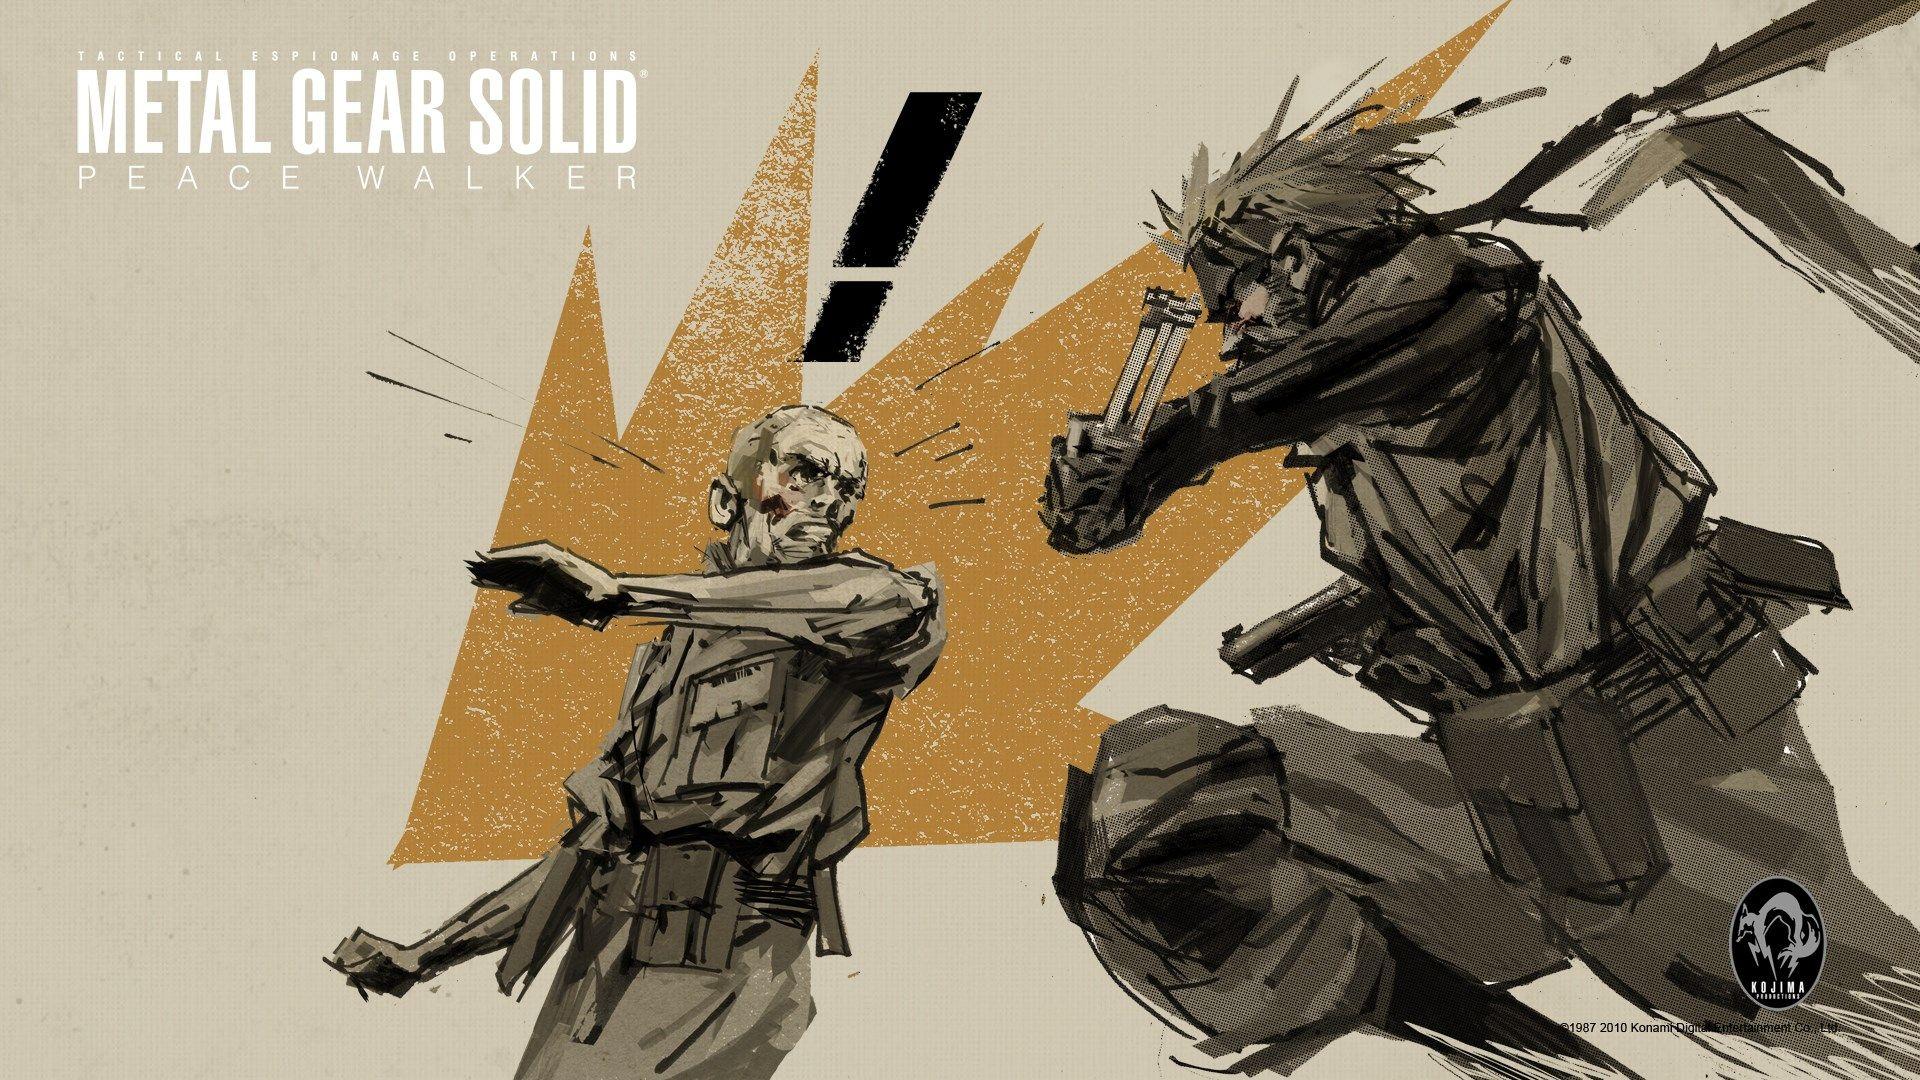 Windows Wallpaper Metal Gear Solid Peace Walker 1920x1080 581 Kb Metal Gear Metal Gear Solid Gear Art